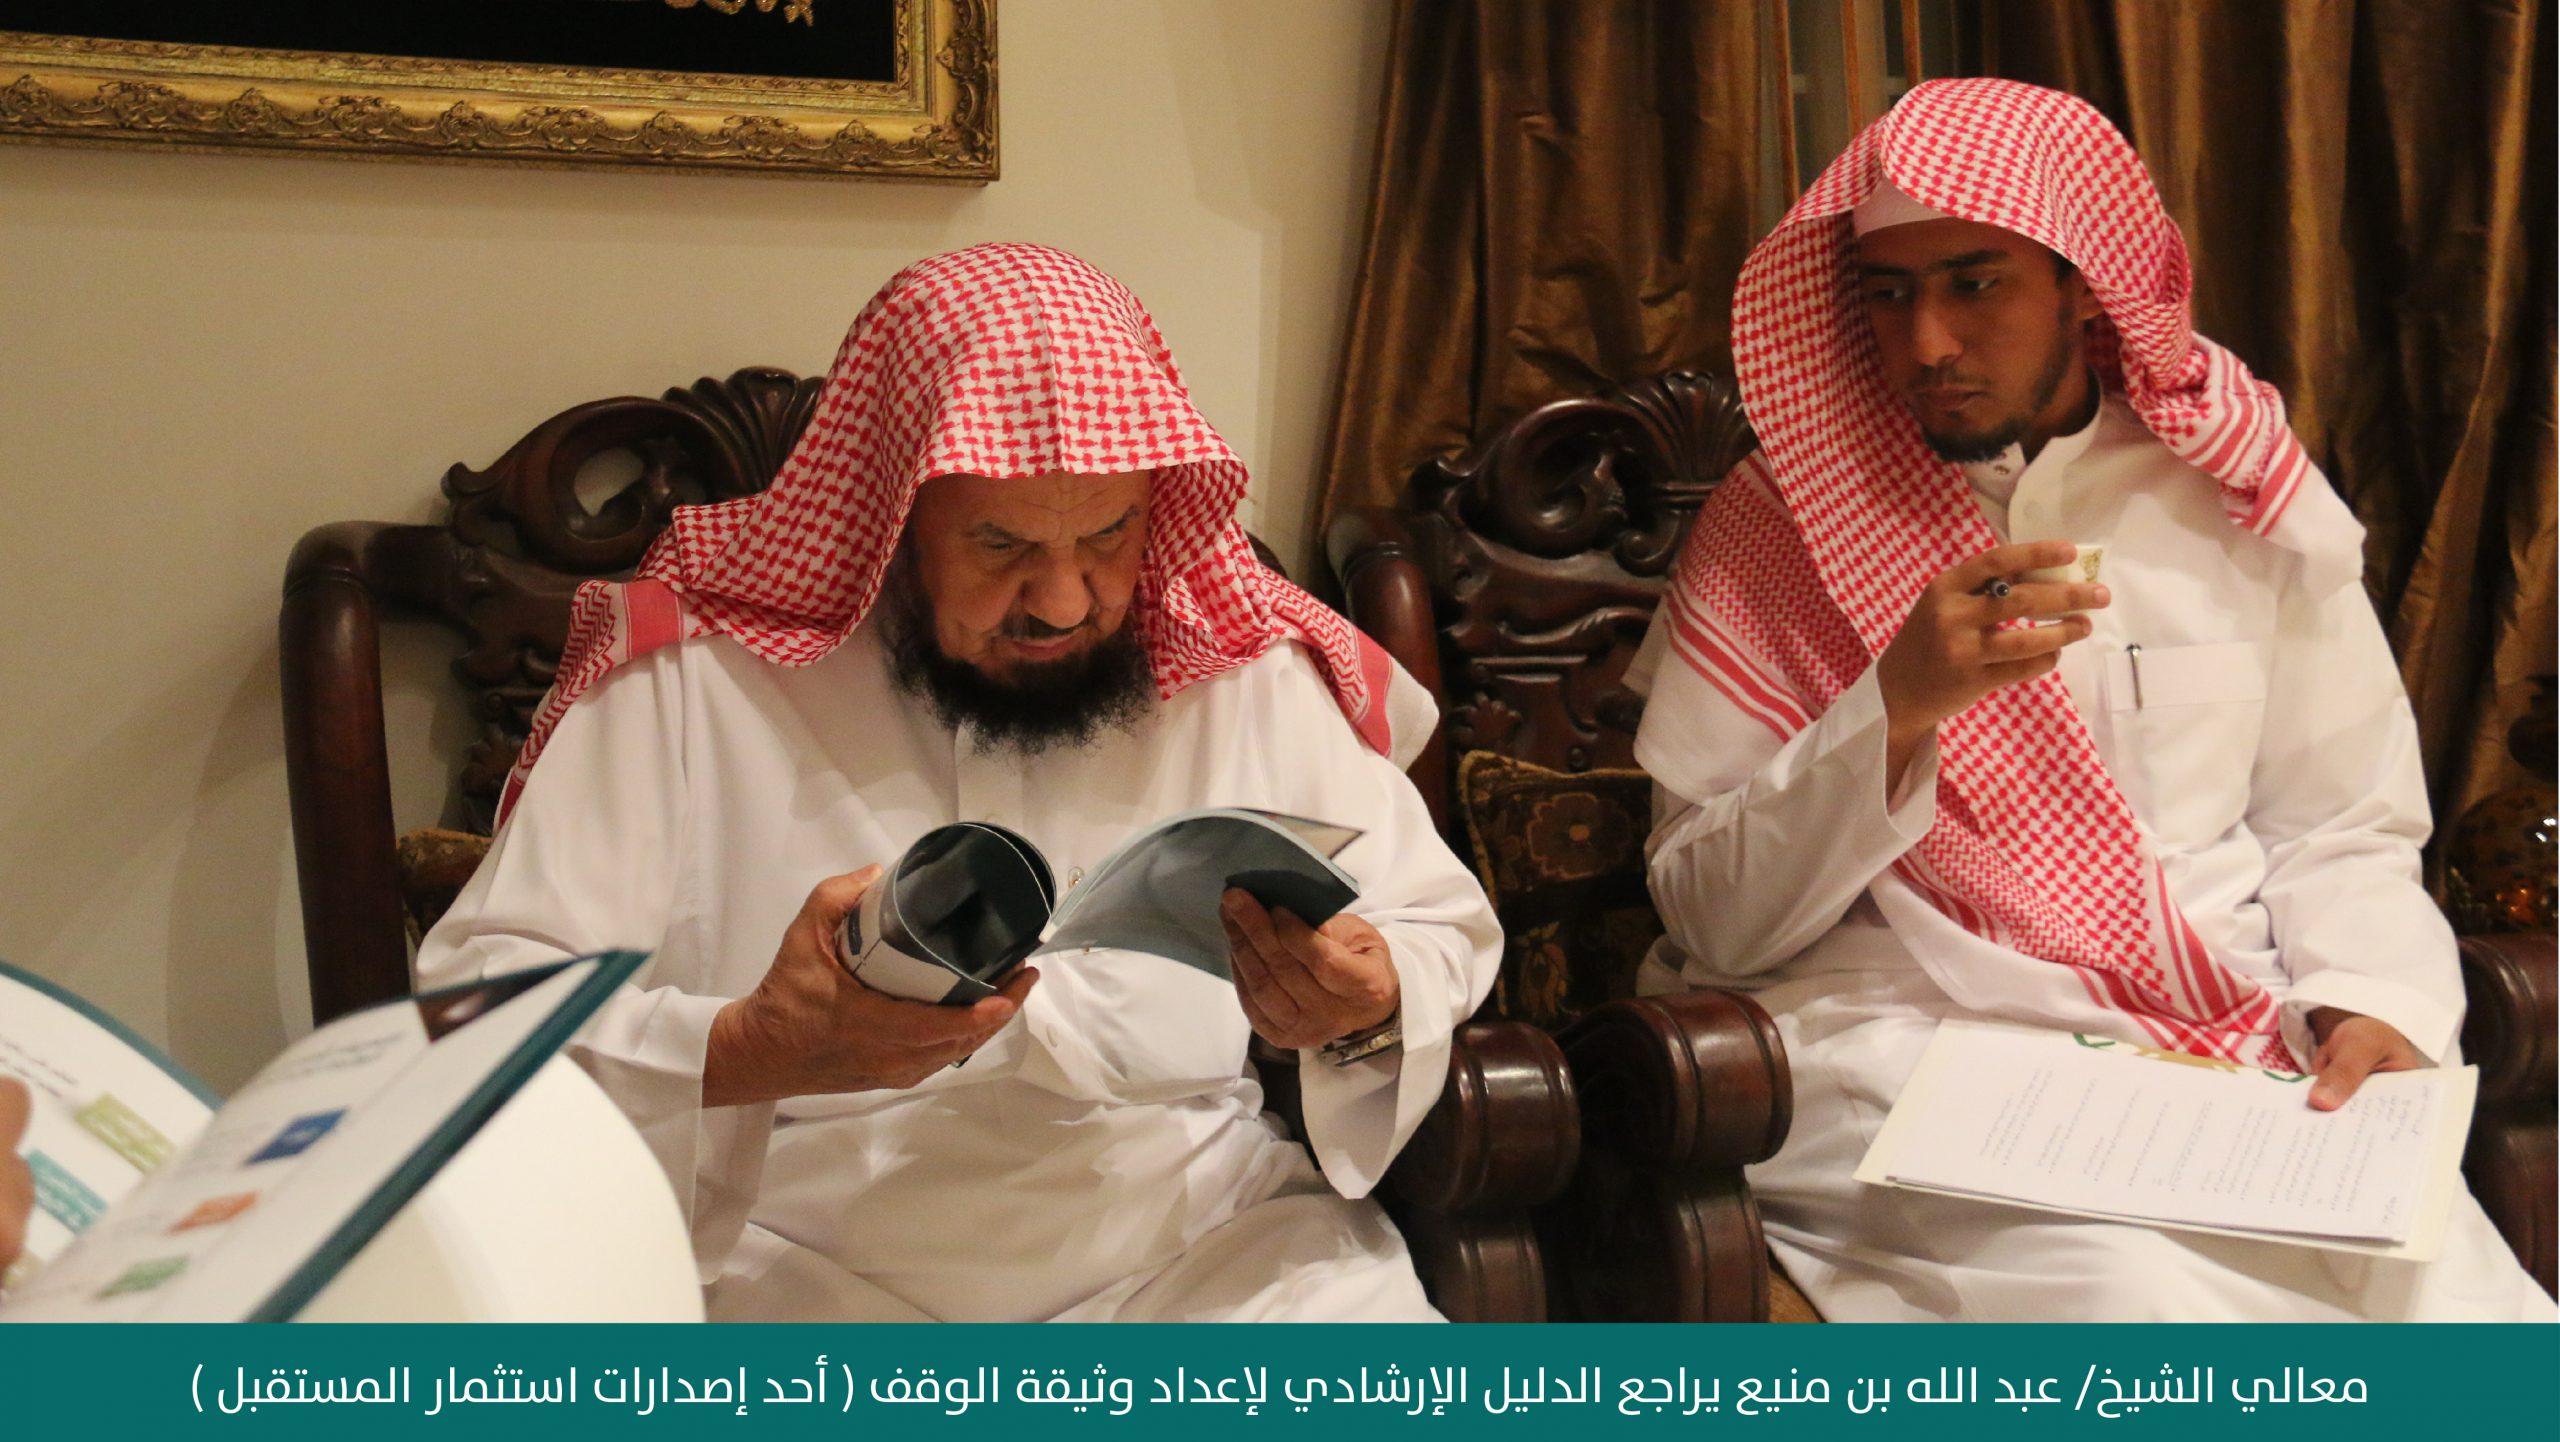 الشيخ عبدالله بن منيع